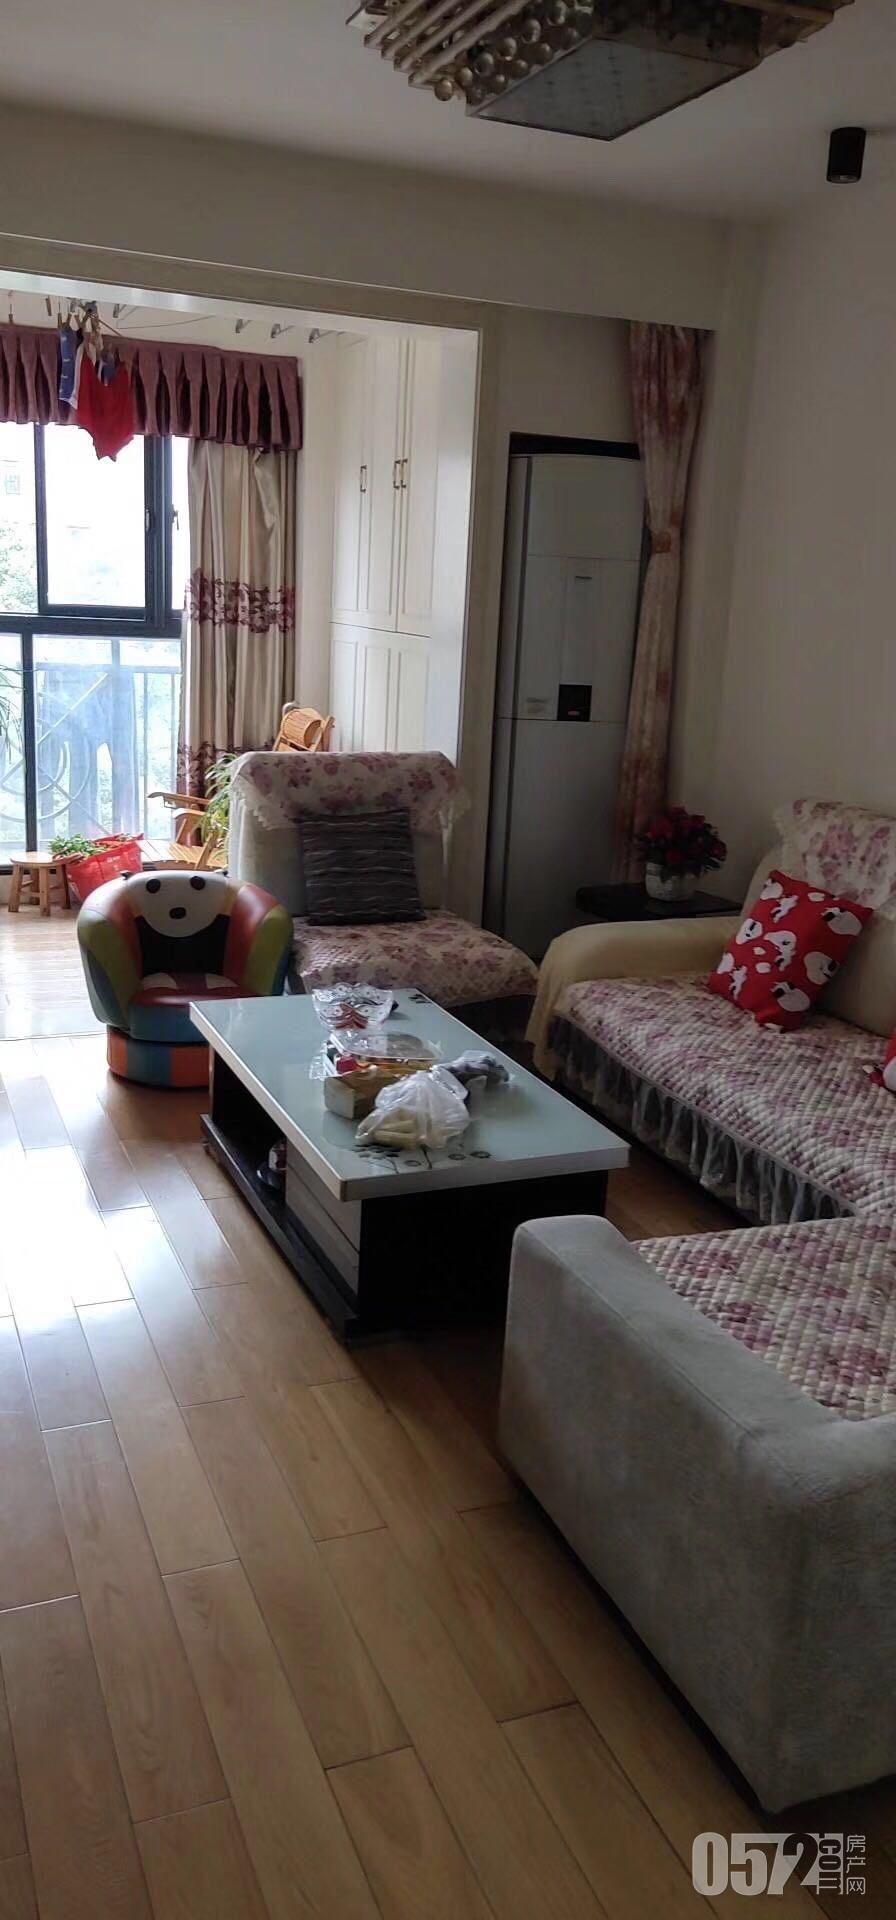 凯莱国际小高层3楼,精装,2年满,无遮挡。